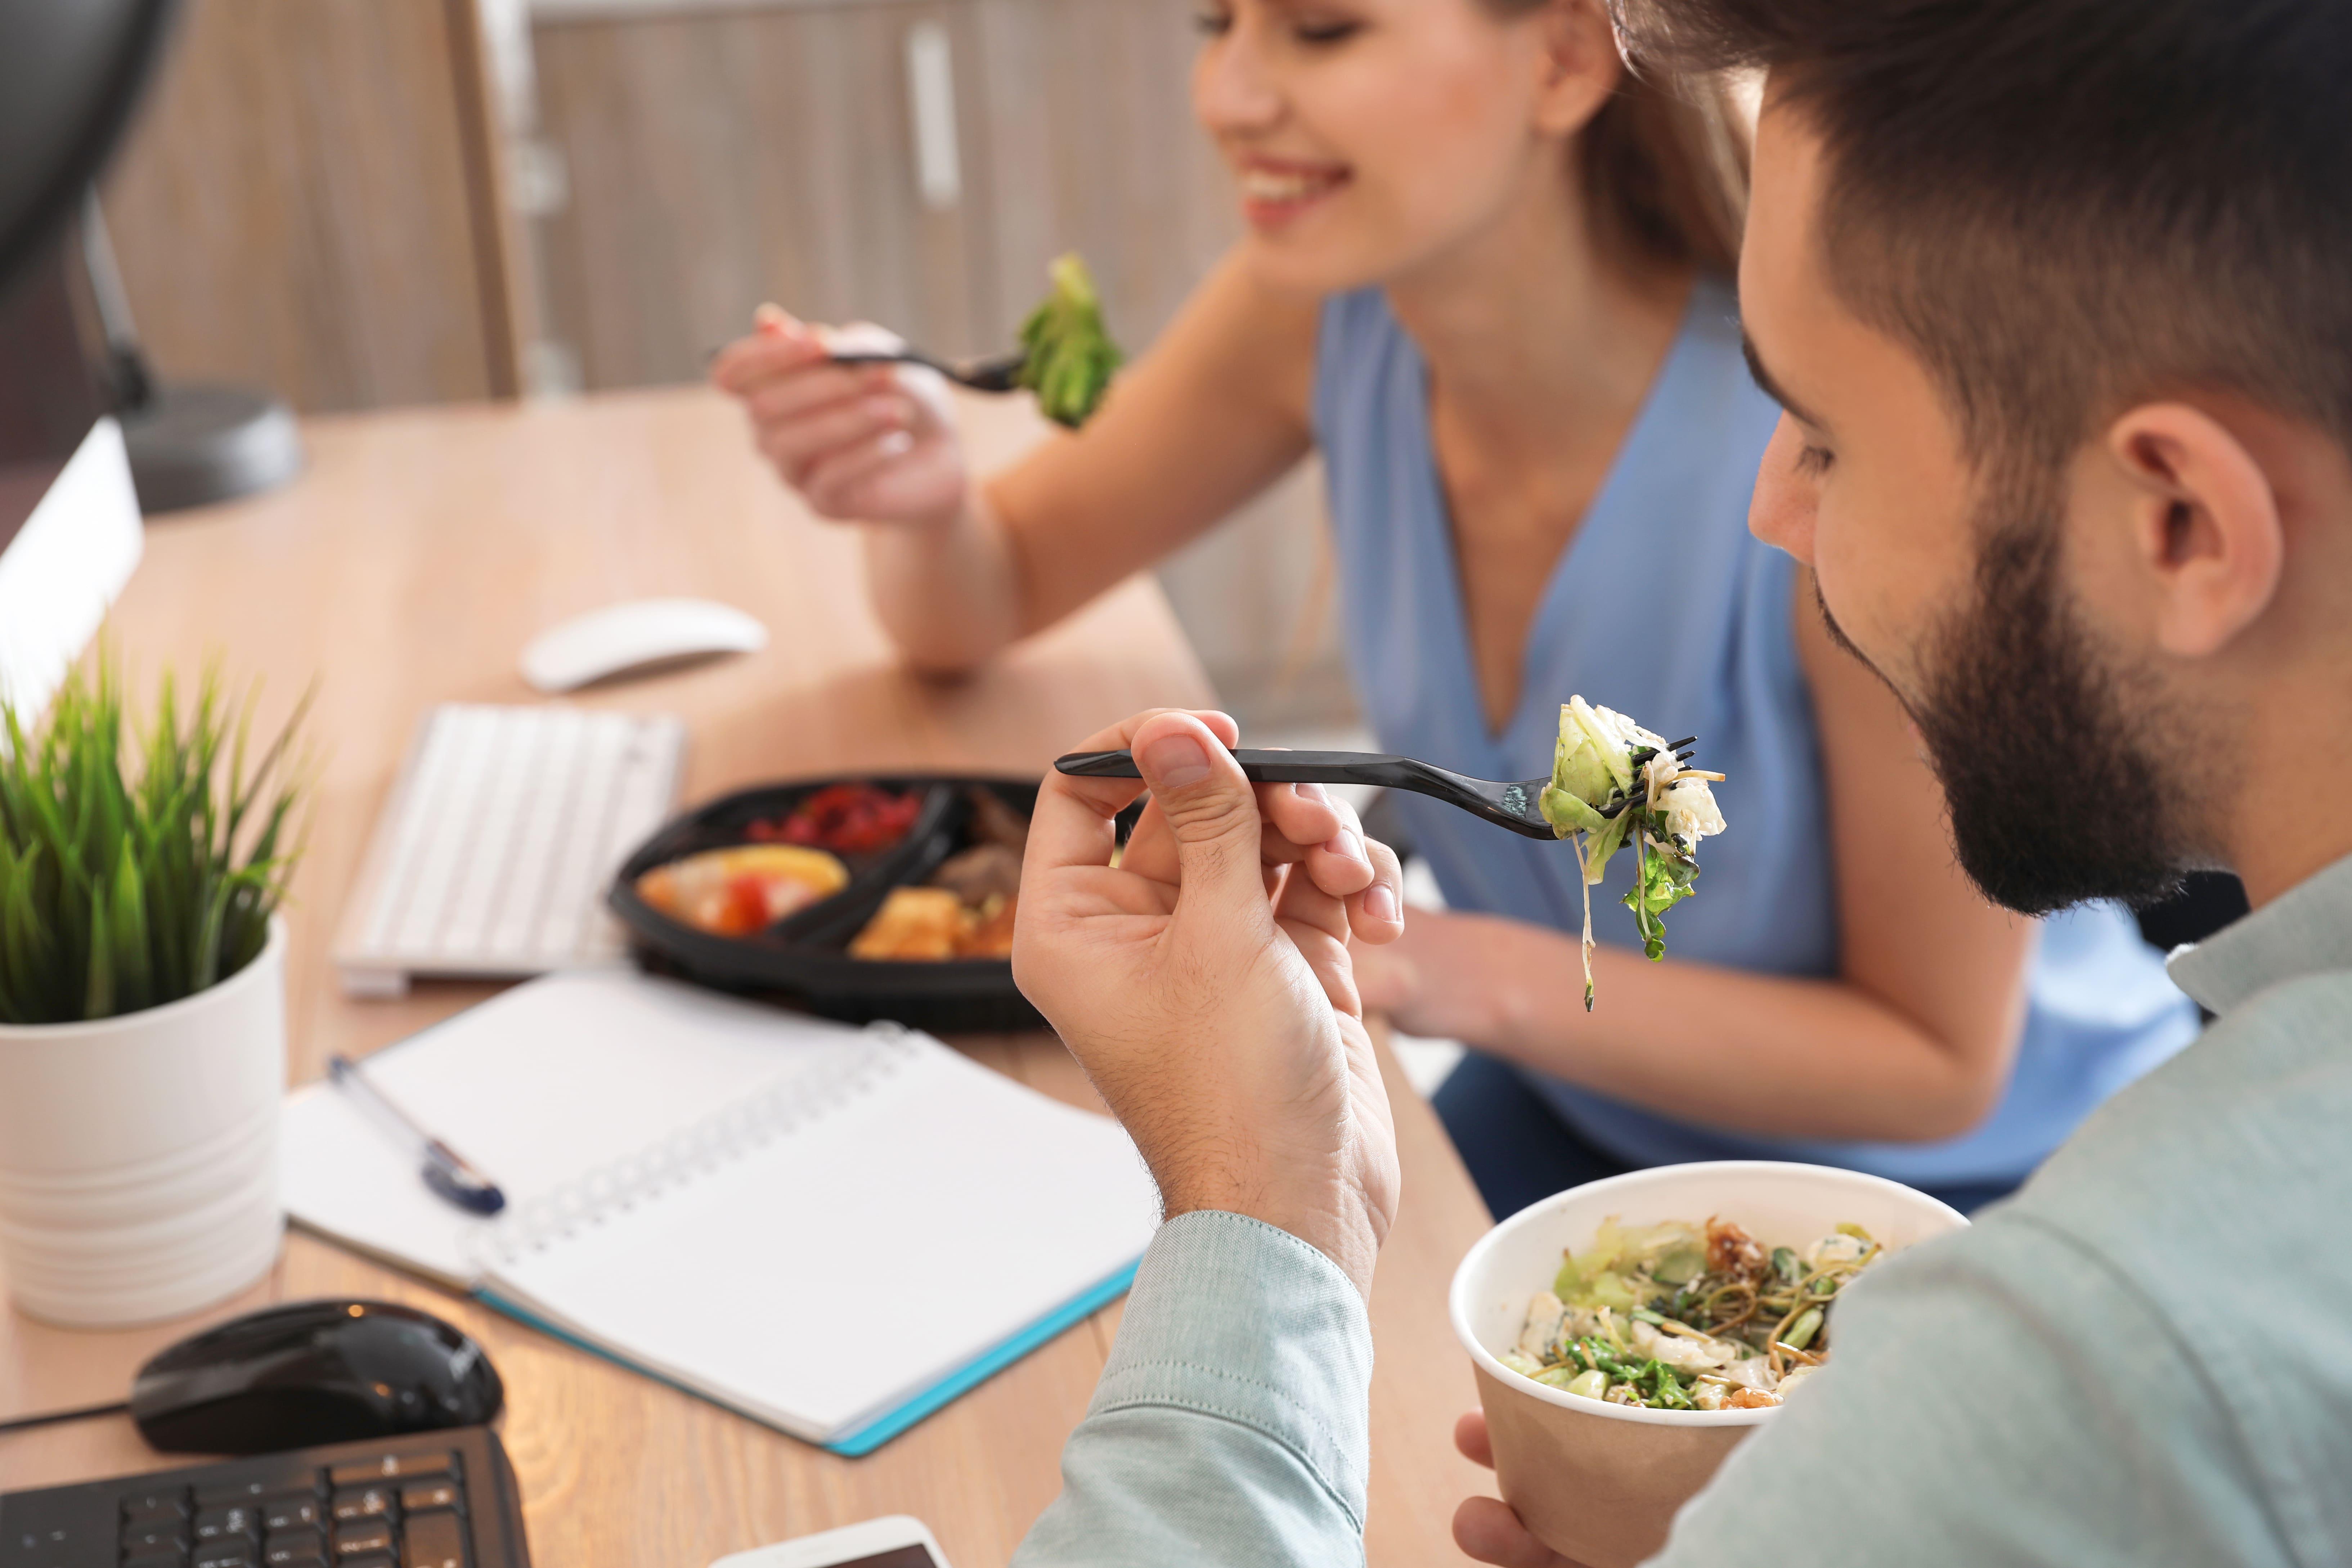 Dieta Moduline -regeneraatiouuneilla ruoka kuumennetaan hellävaroen